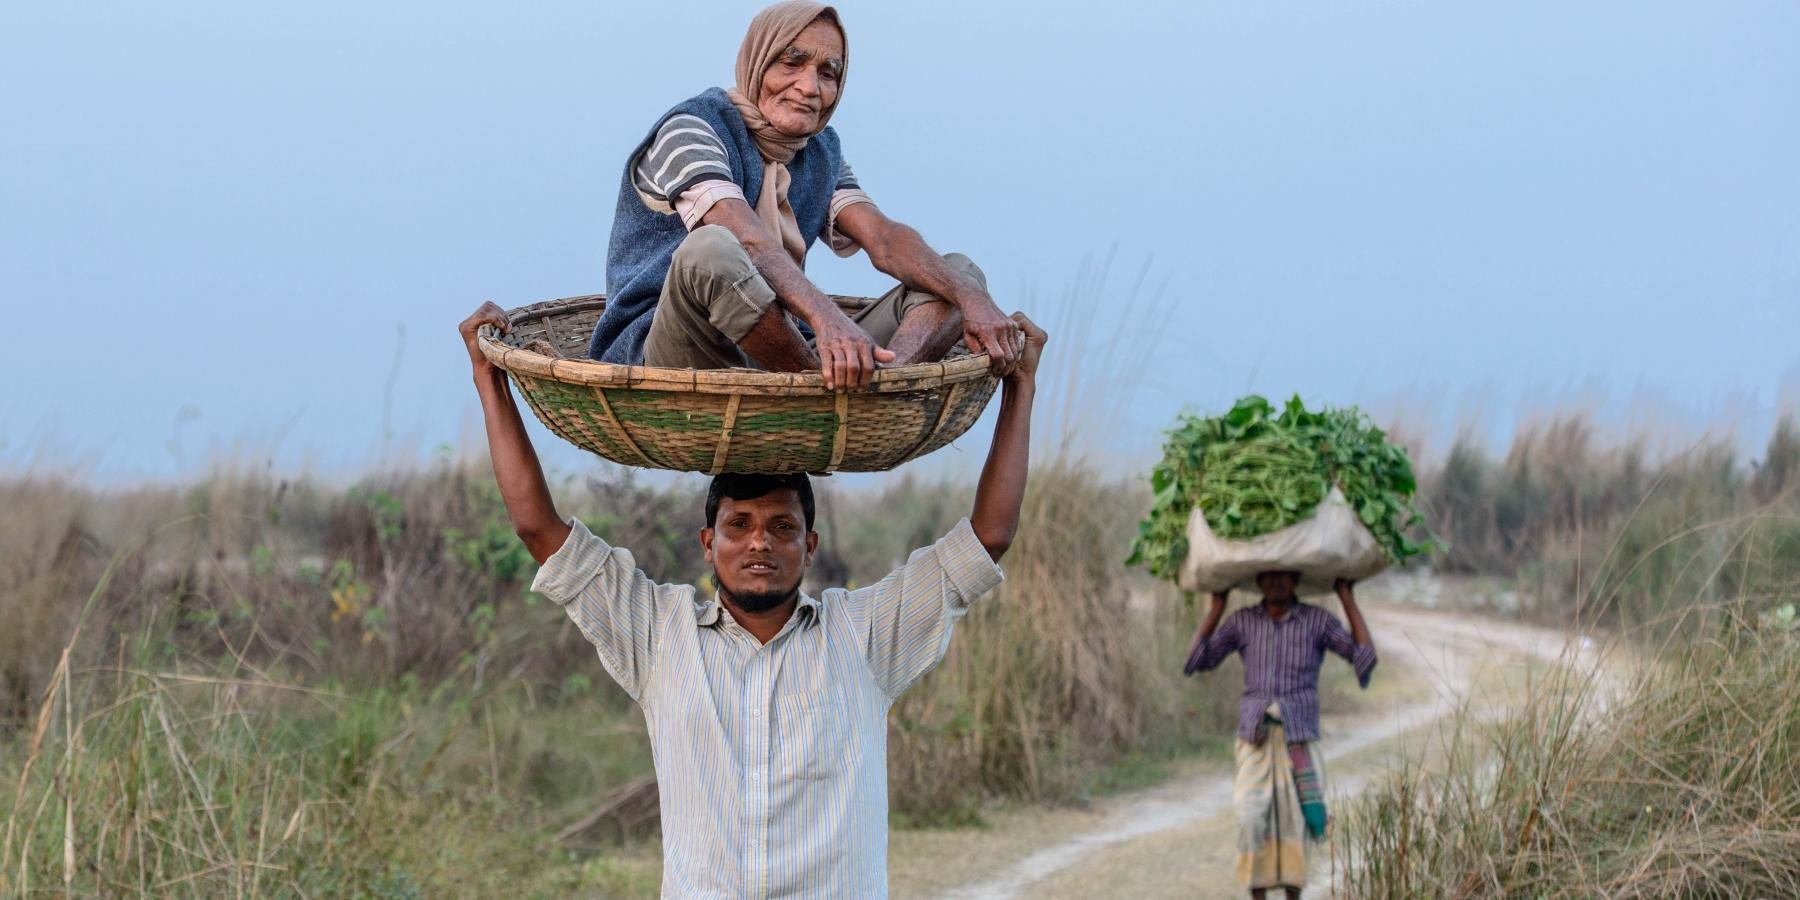 Bangladesh © 2015 Courtesy of Photoshare